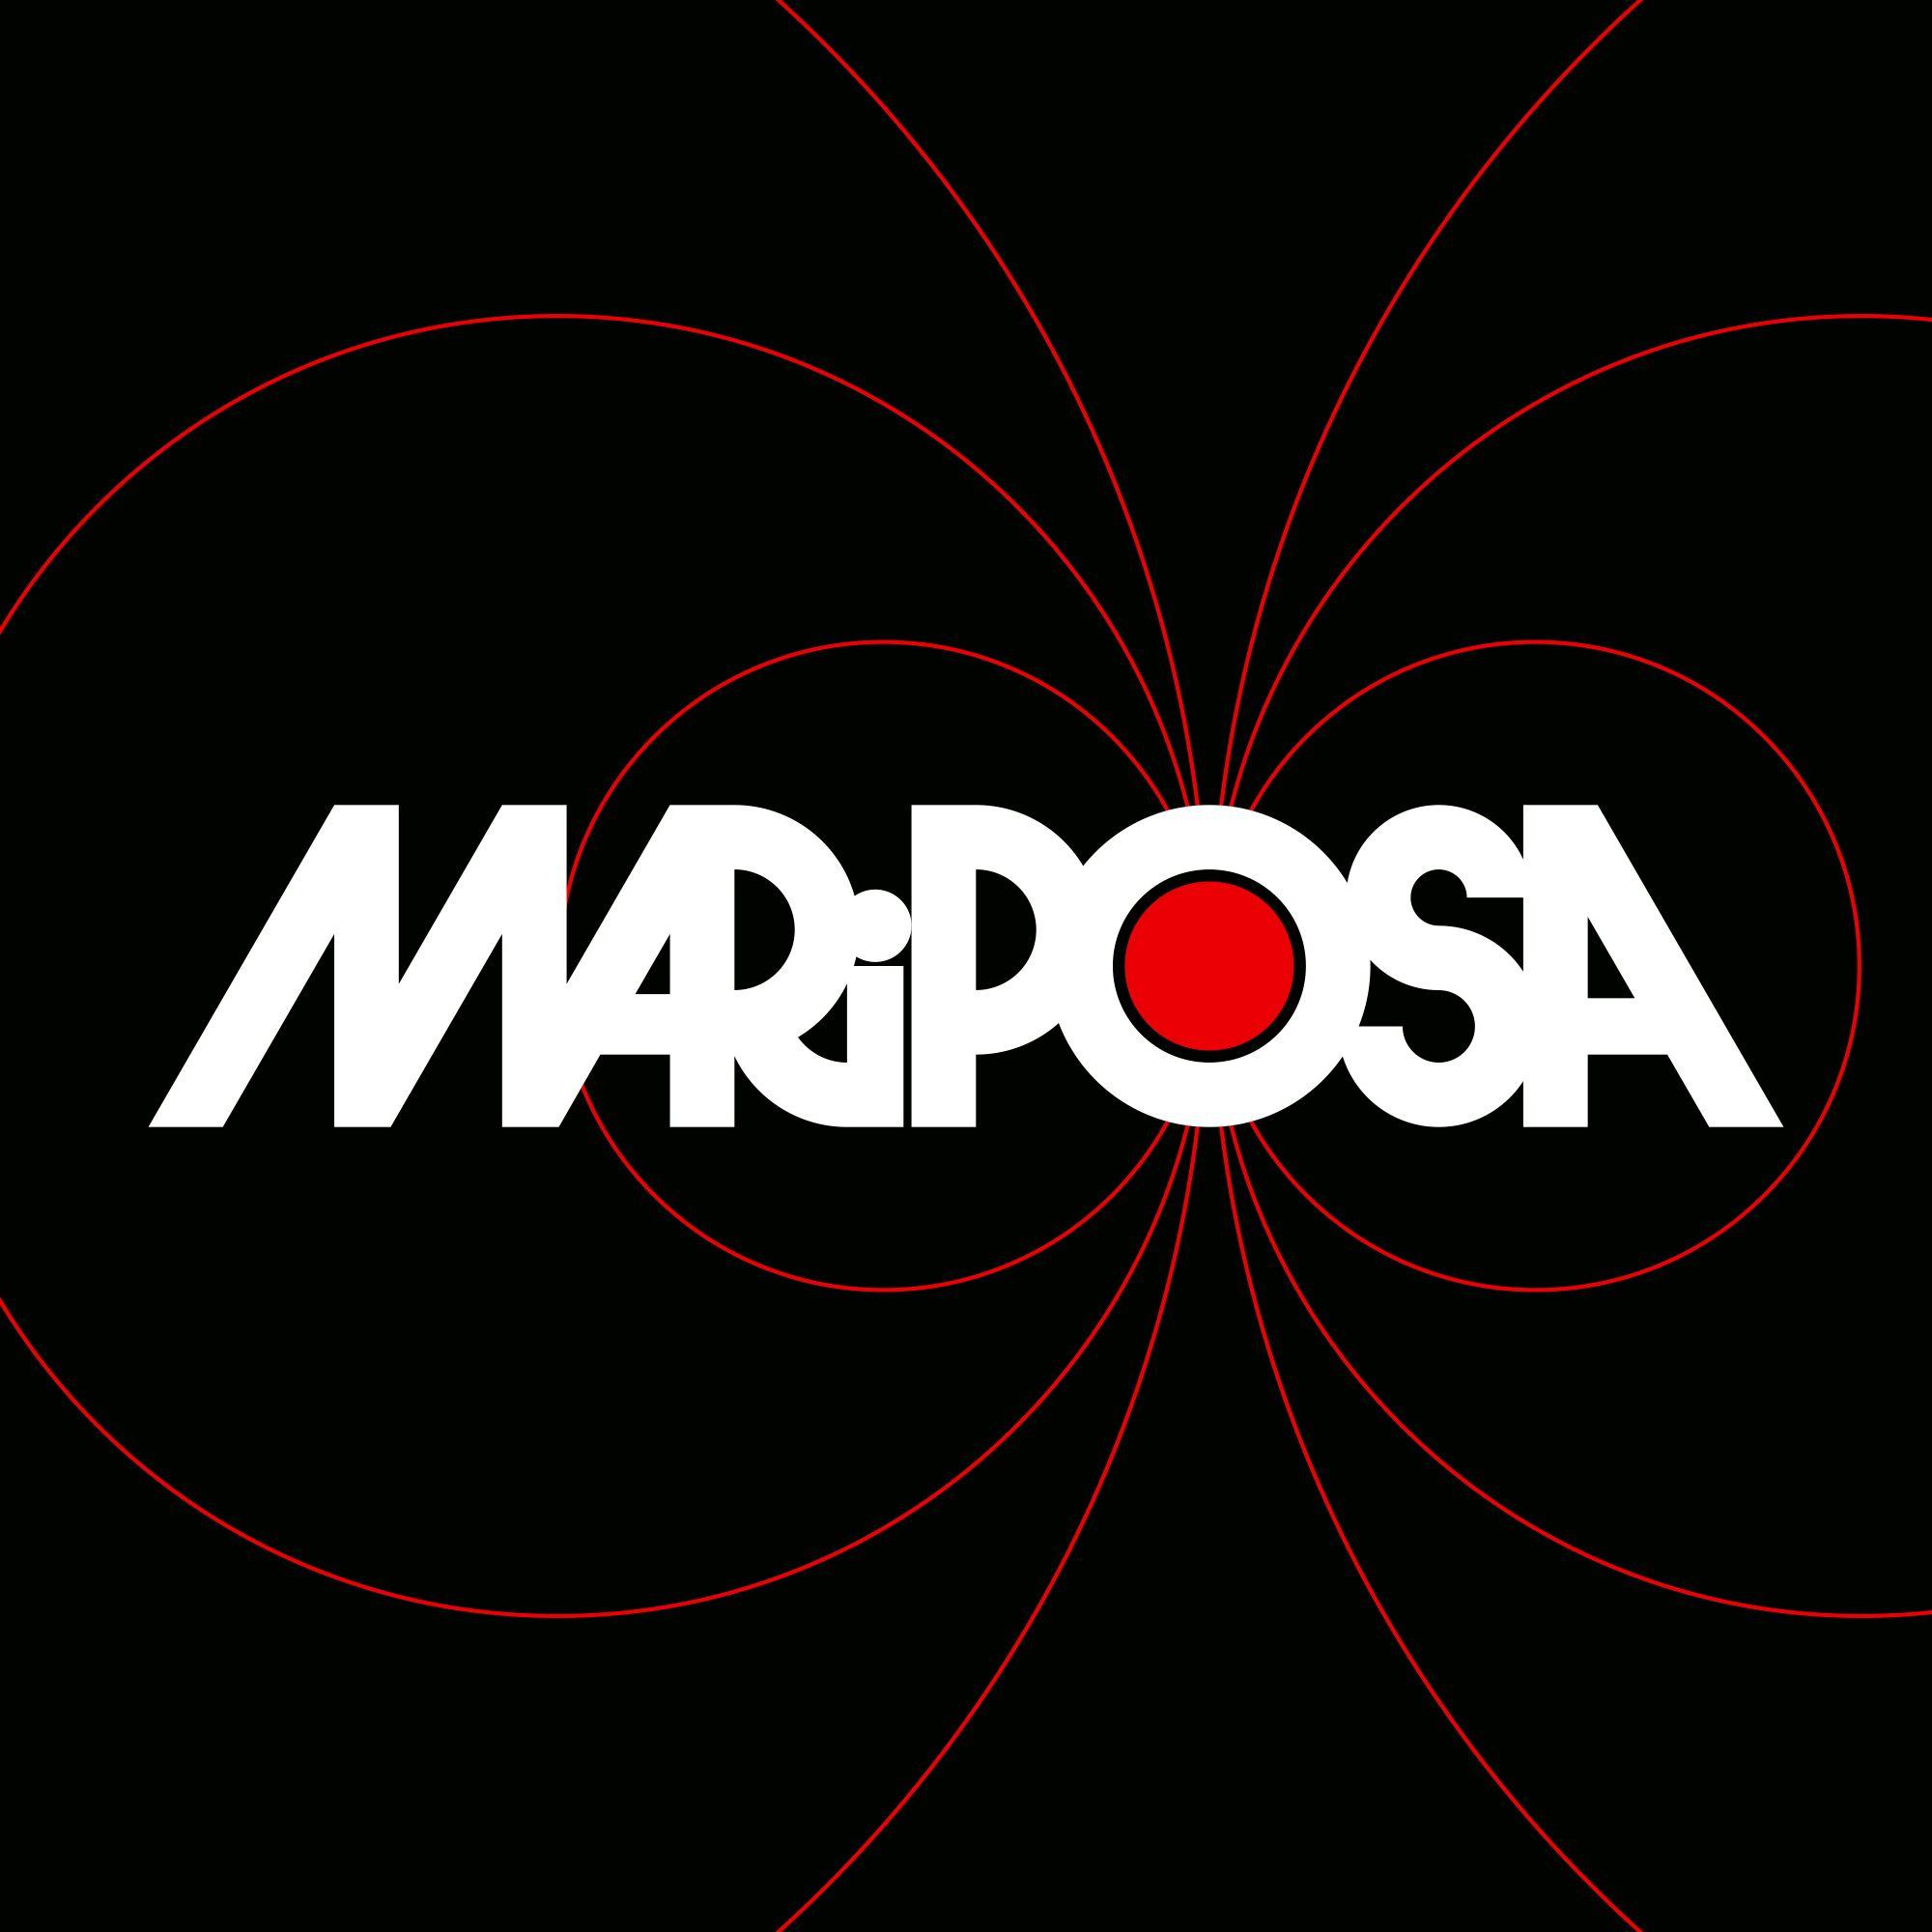 Mariposa by Michael Buchino